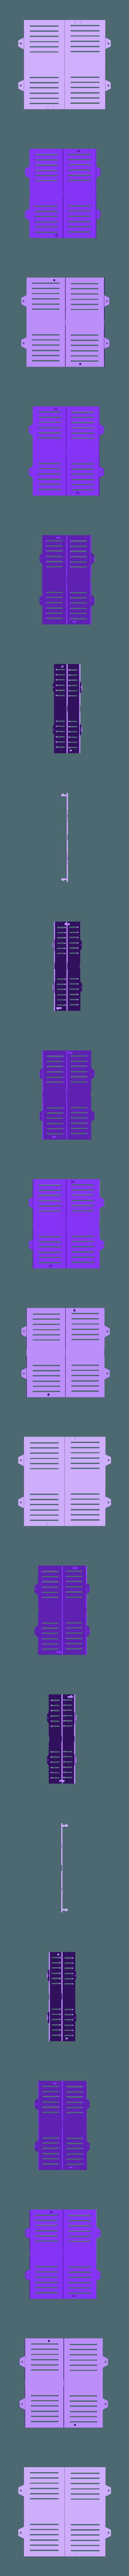 DiscoEasy_200_Cache_electronique_partie_centrale.stl Télécharger fichier STL gratuit DiscoEasy 200 - Cache électronique (sous plateau) • Design pour imprimante 3D, BakoProductions